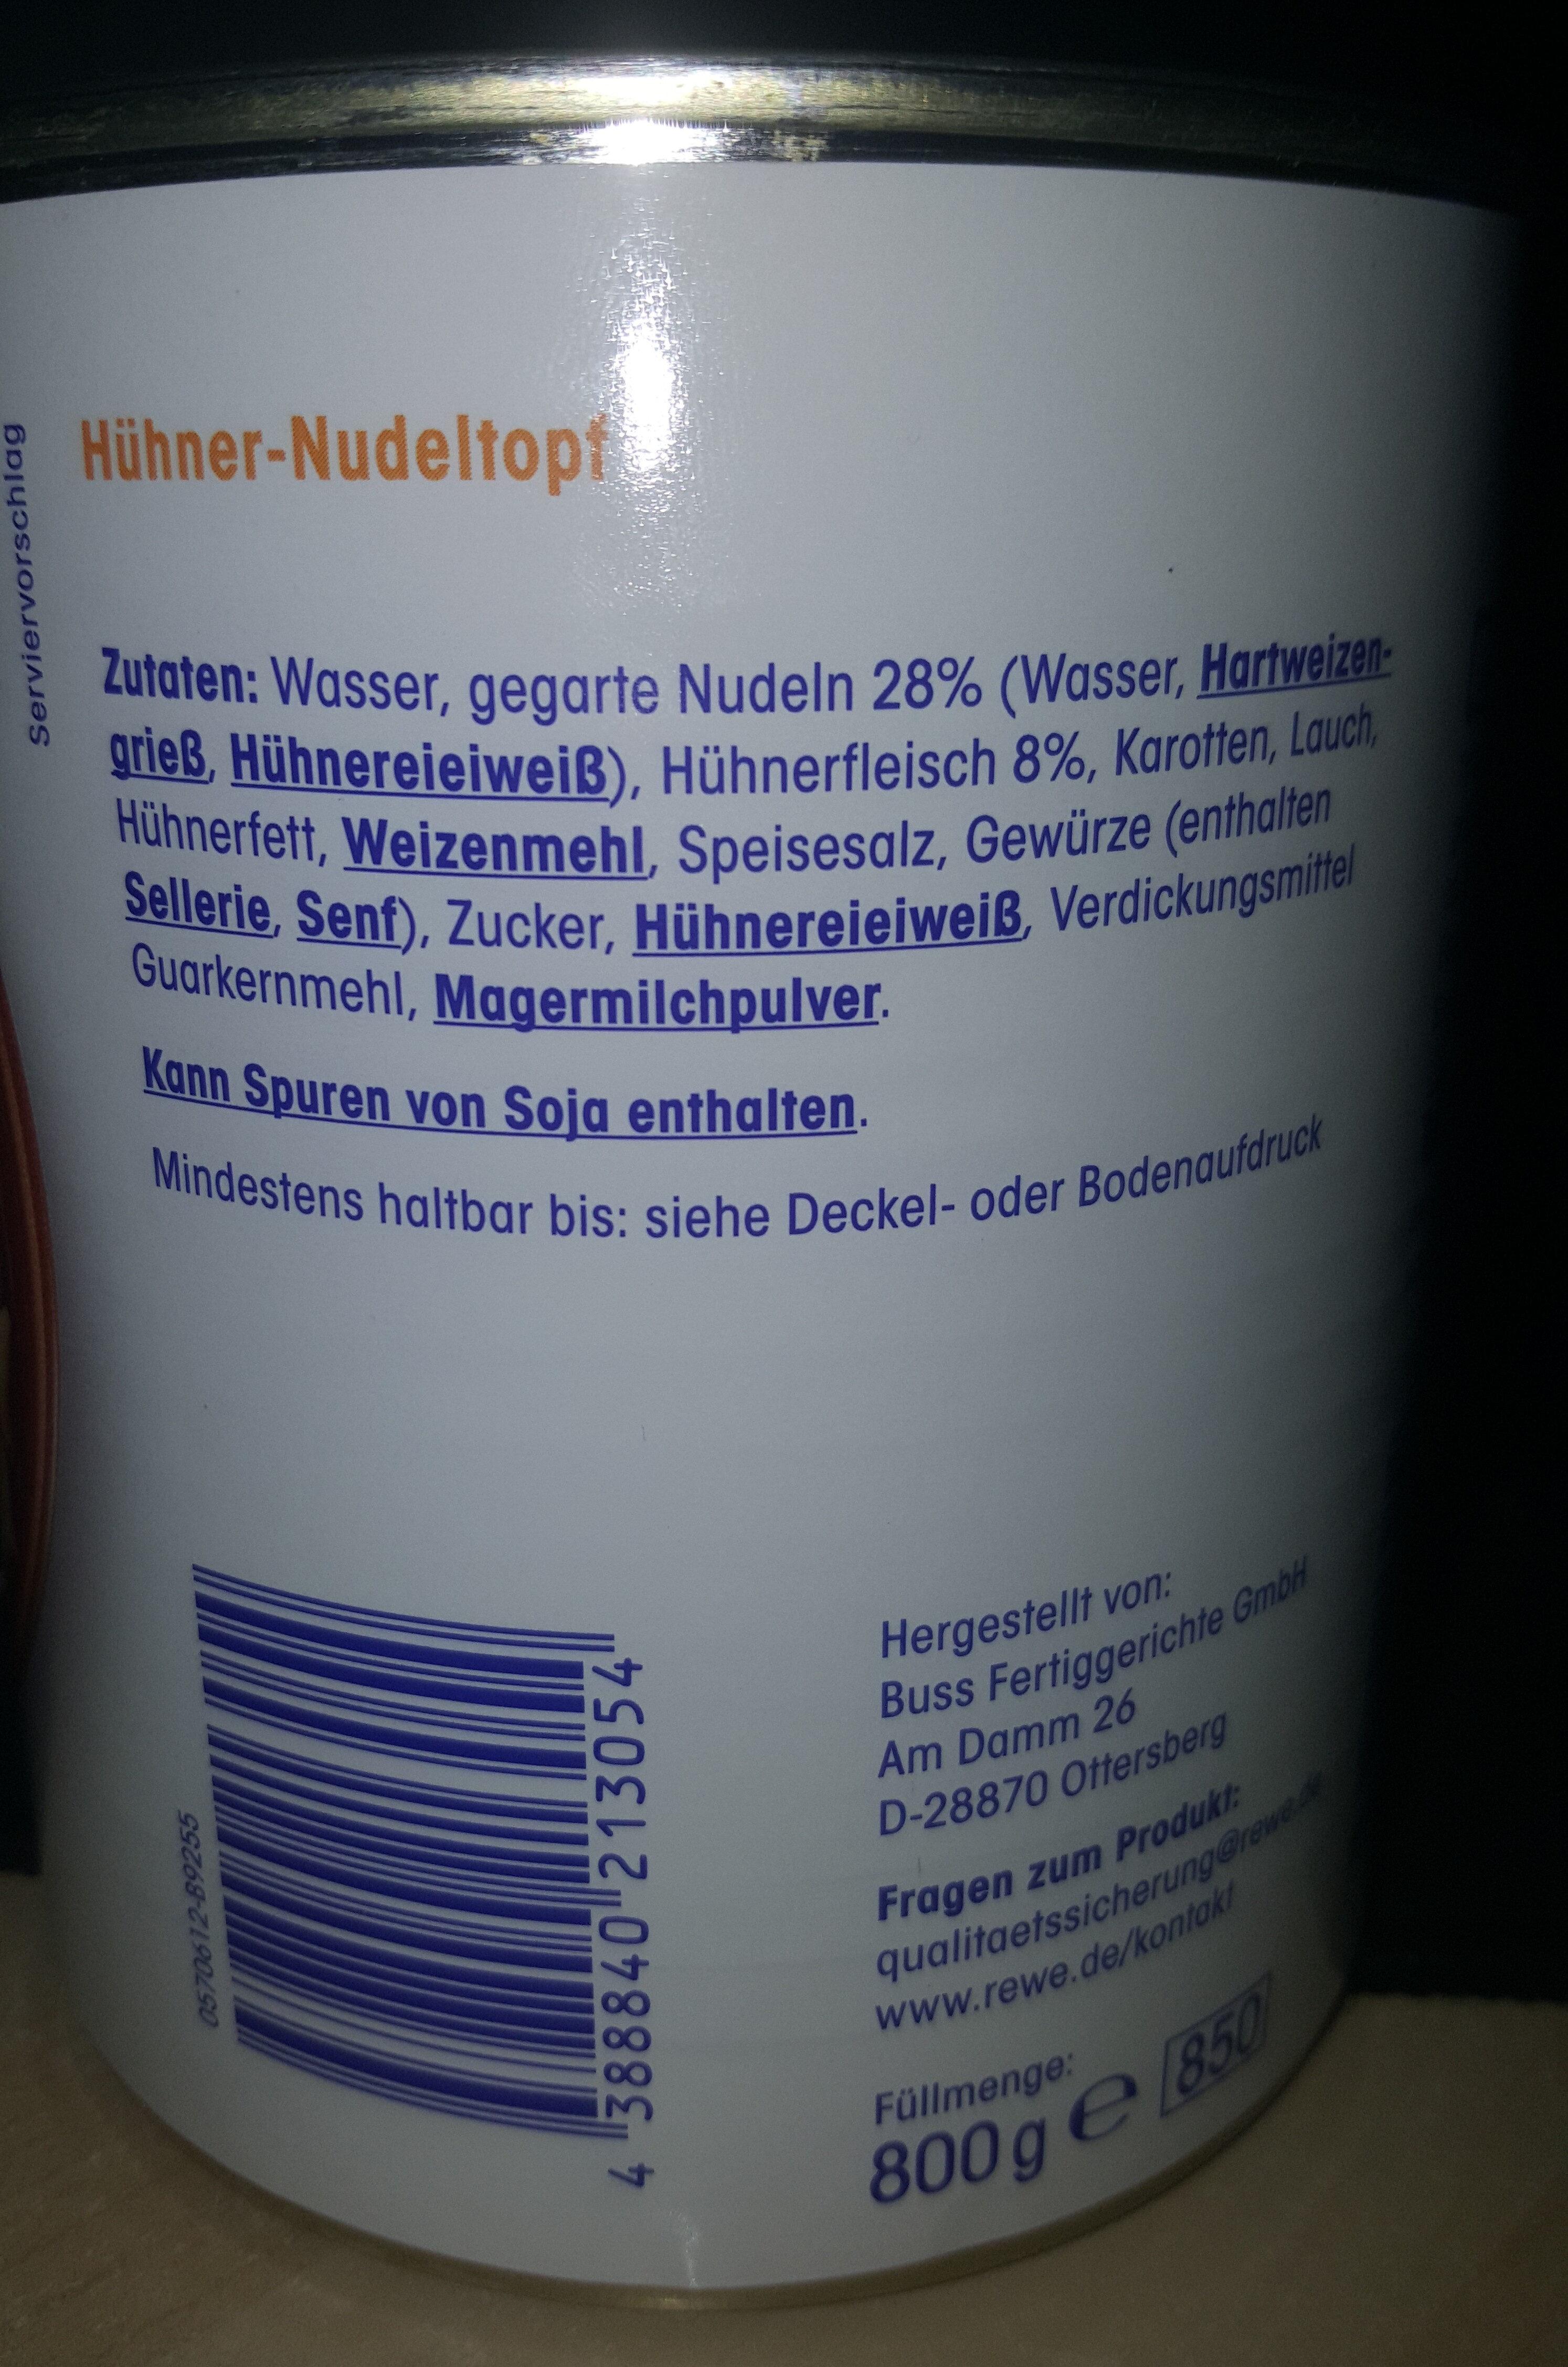 Huhner nudeltopf - Ingredients - de